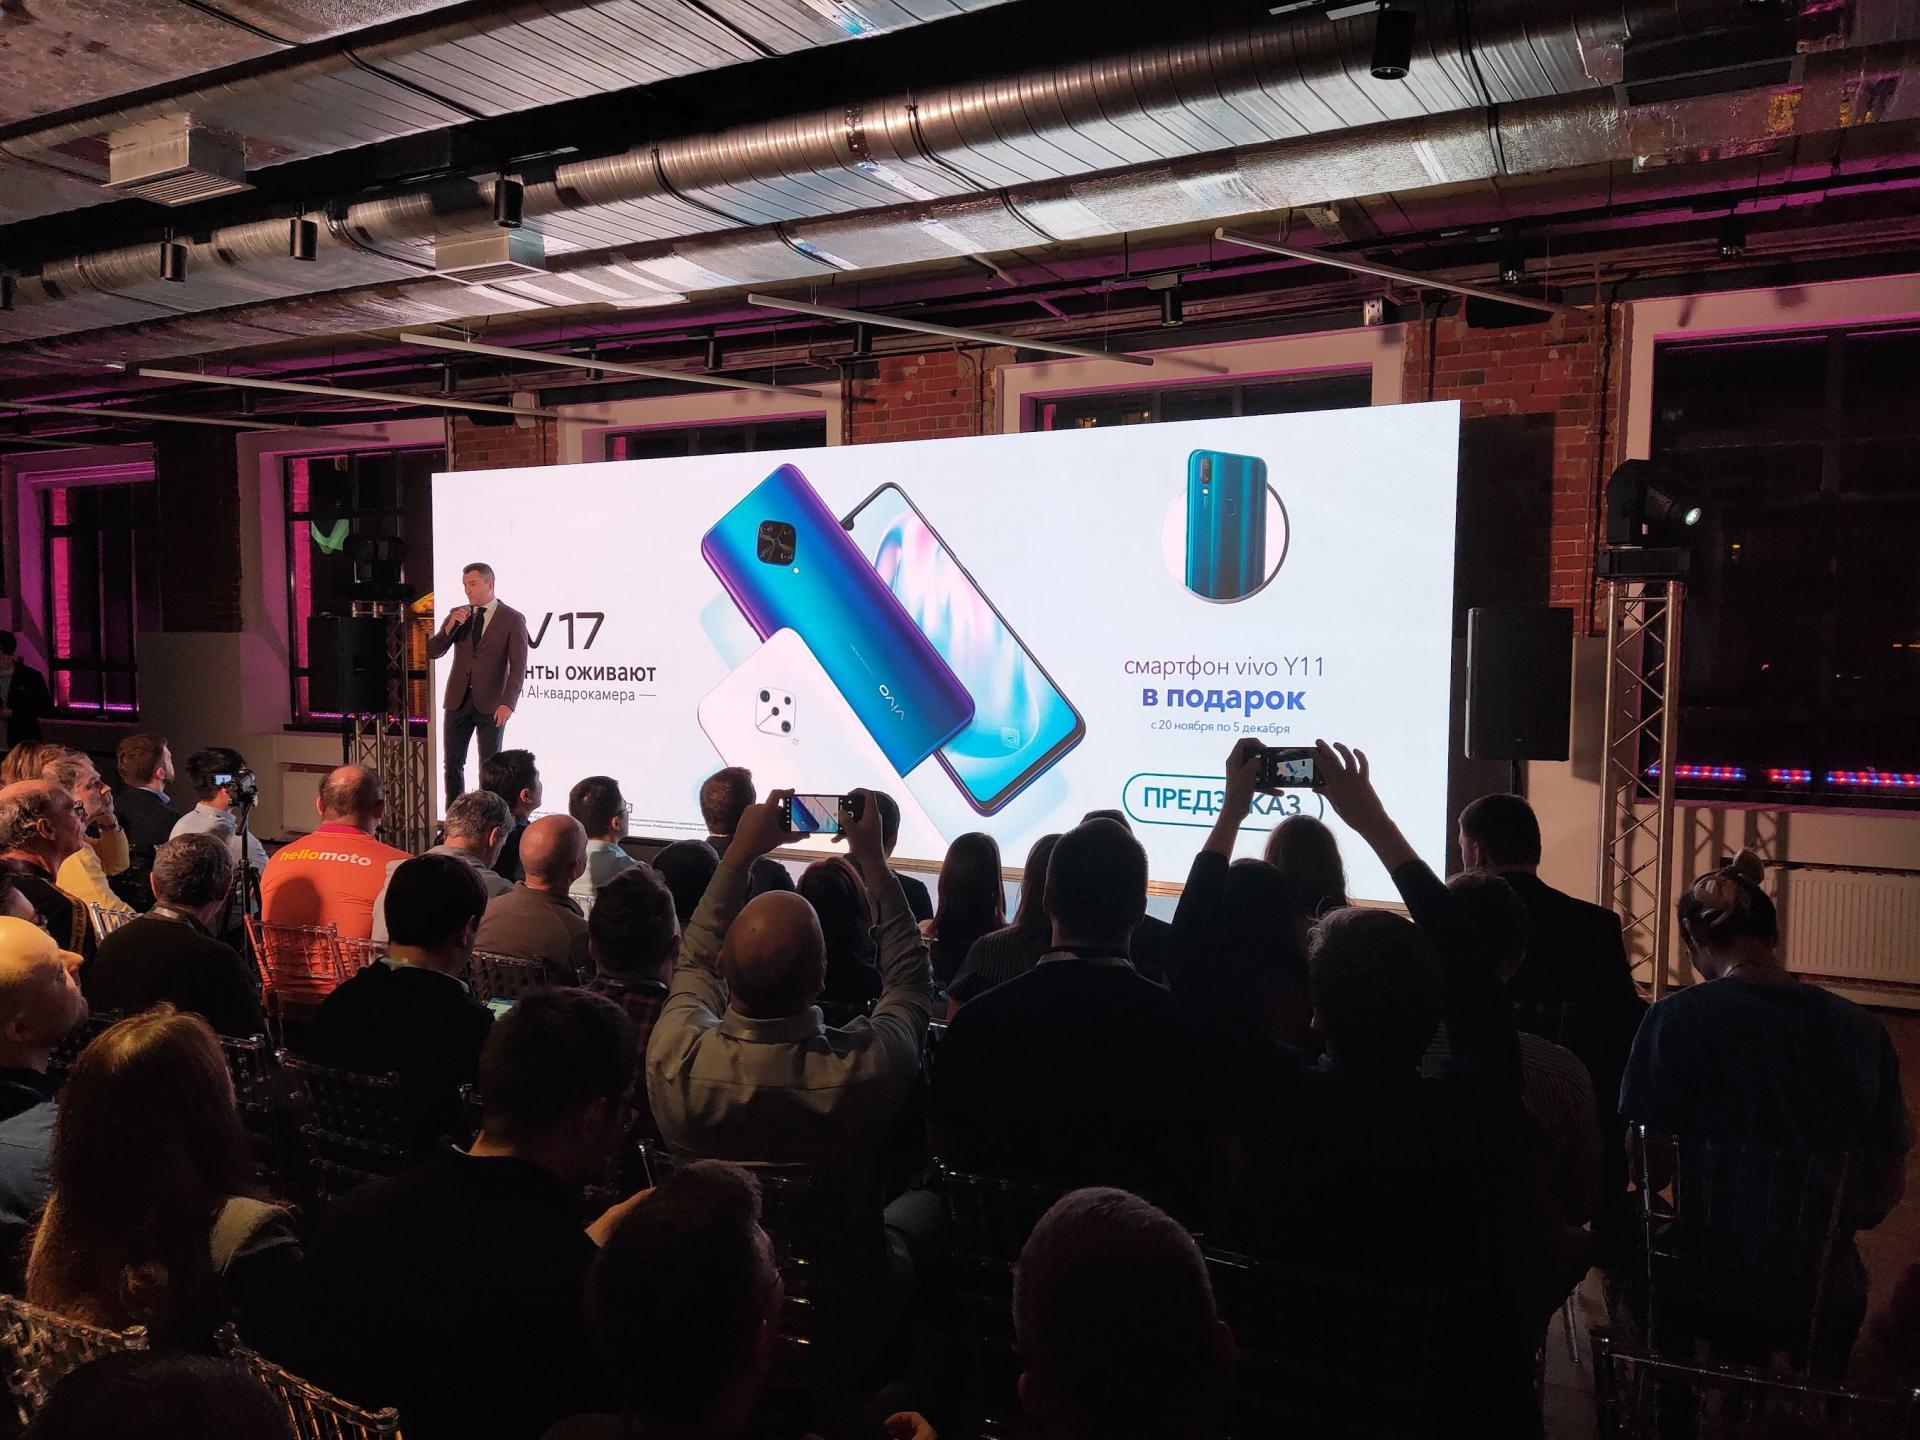 Vivo представила вРоссии смартфон V17 сосвоими фишками ивыгодным предзаказом